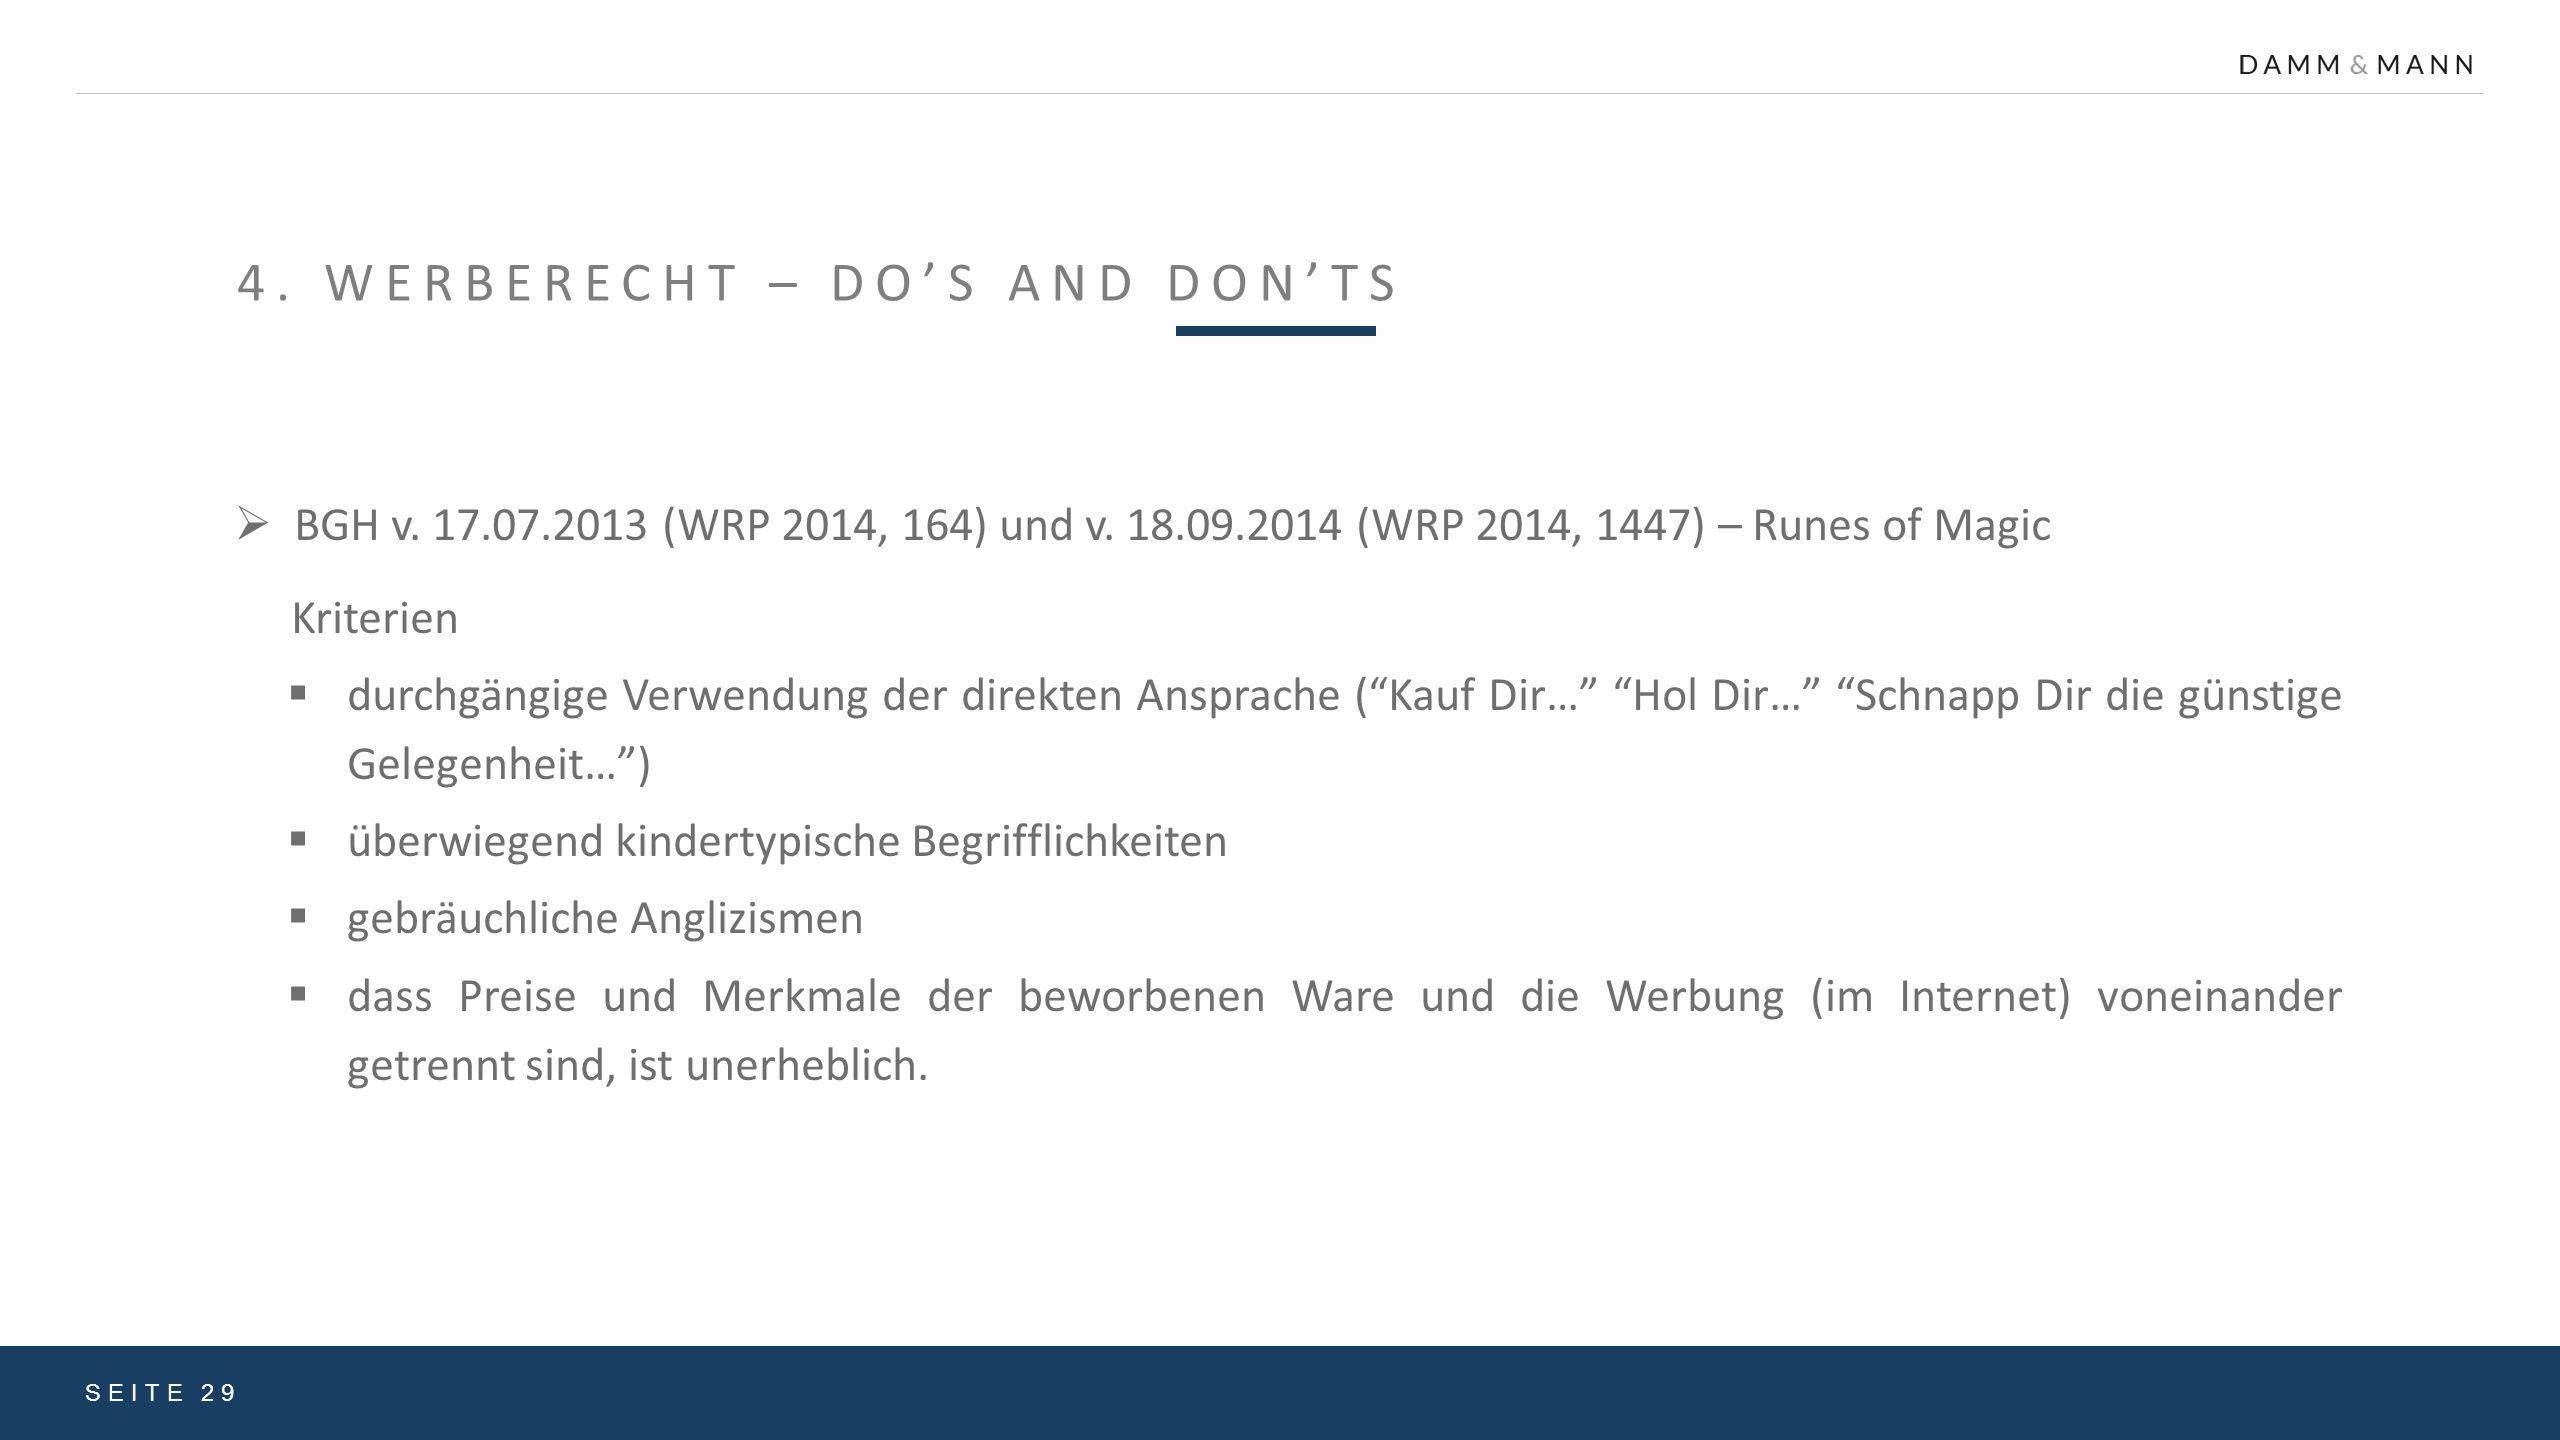 4. WERBERECHT – DO'S AND DON'TS SEITE 29  BGH v. 17.07.2013 (WRP 2014, 164) und v. 18.09.2014 (WRP 2014, 1447) – Runes of Magic Kriterien  durchgäng